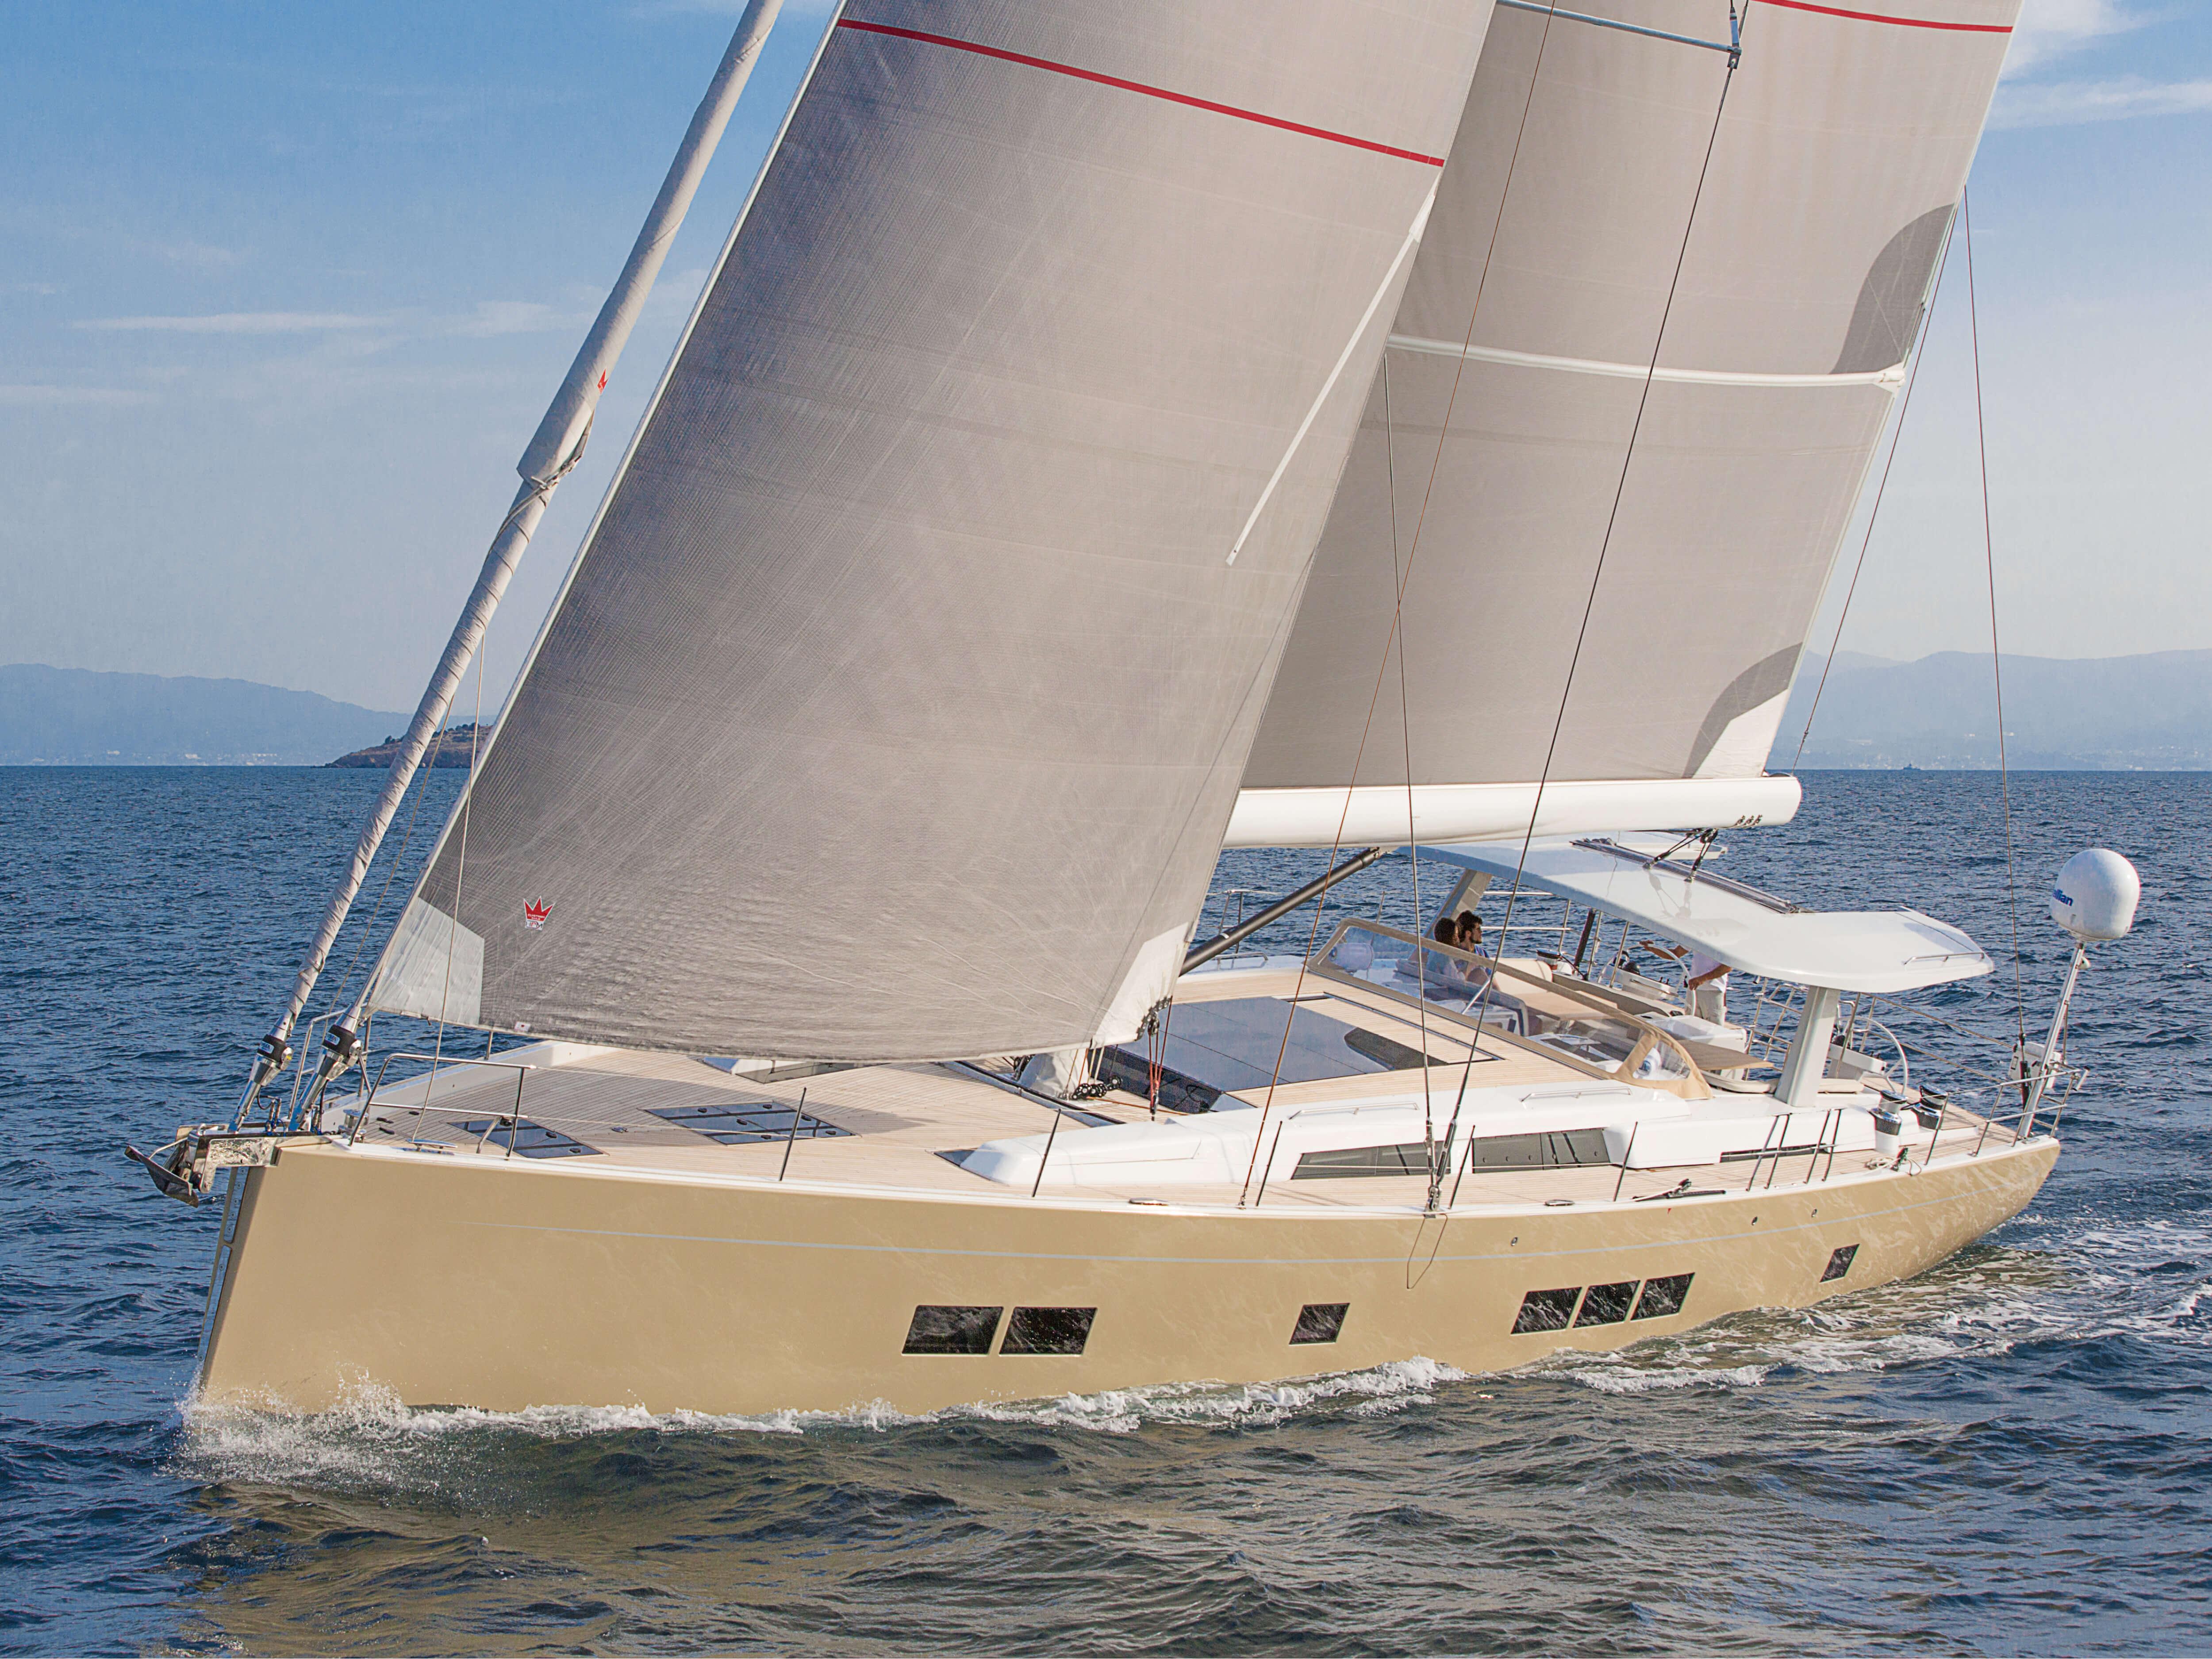 Hanse 675 | foresail, main sail, hand rail, teak deck | Hanse